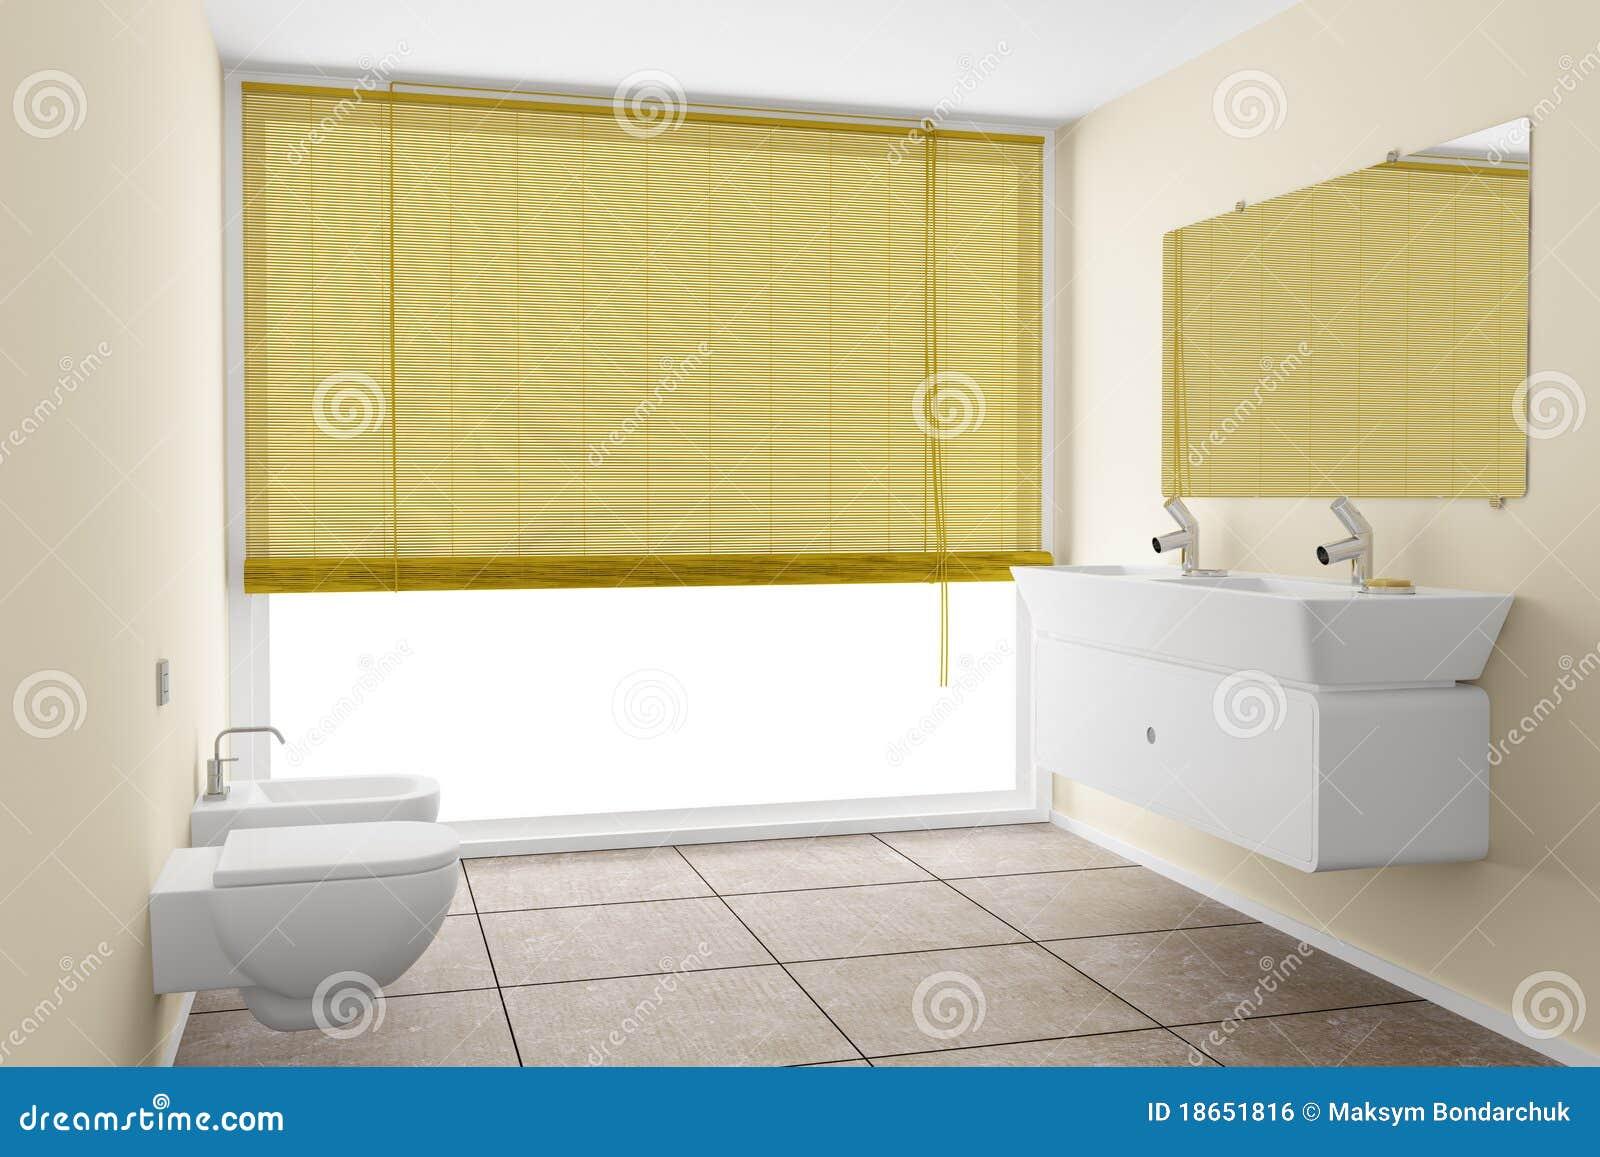 Banheiro Moderno Com Paredes Bege Imagem de Stock Royalty Free  Imagem 1865 -> Banheiro Moderno Com